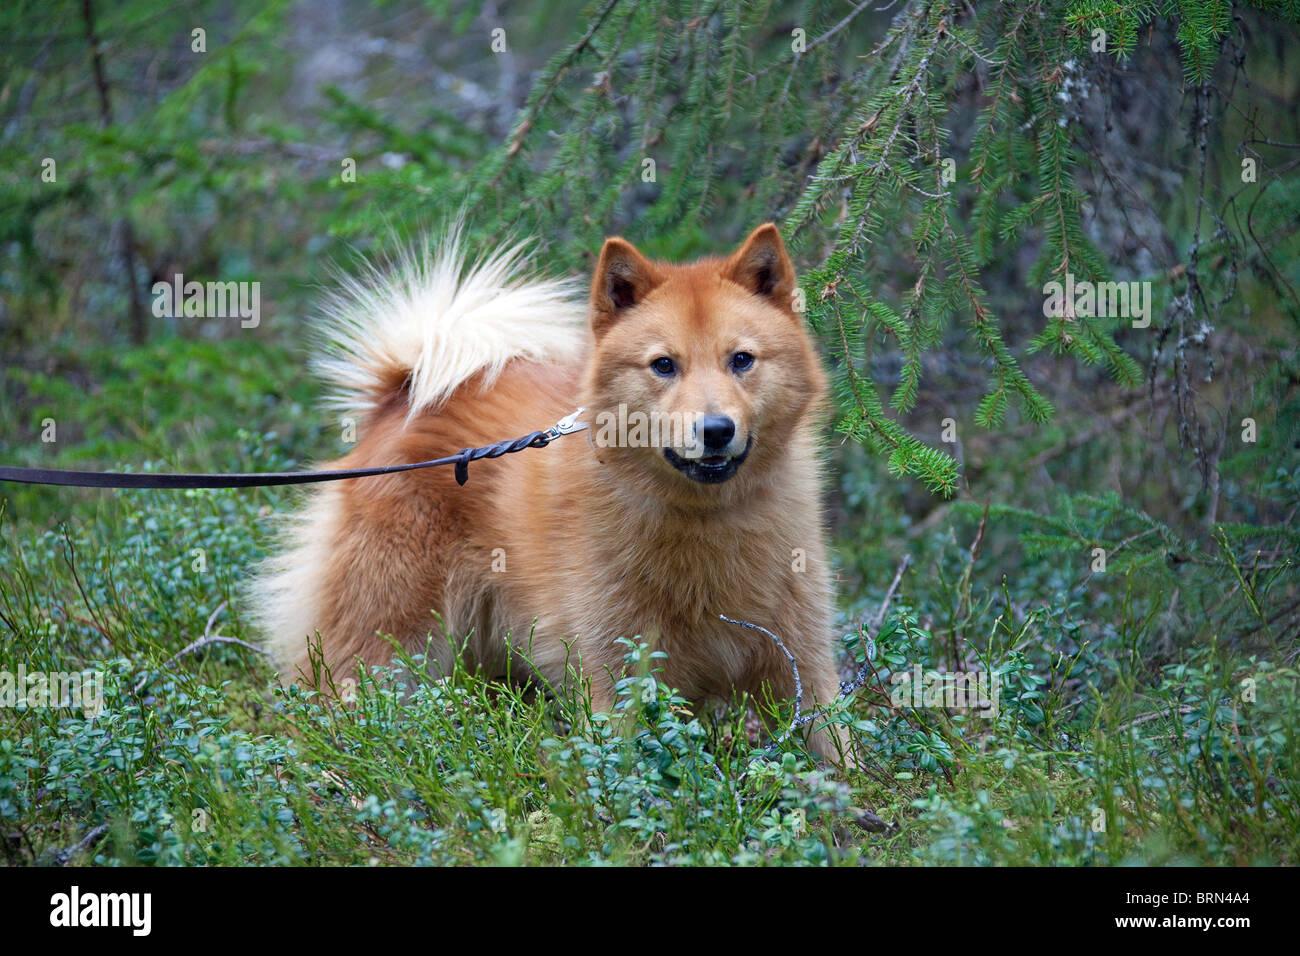 Nordic Spitz, finnische Spitz (Canis Lupus Familiaris), Vogel-Jagd verwendet. Stockbild